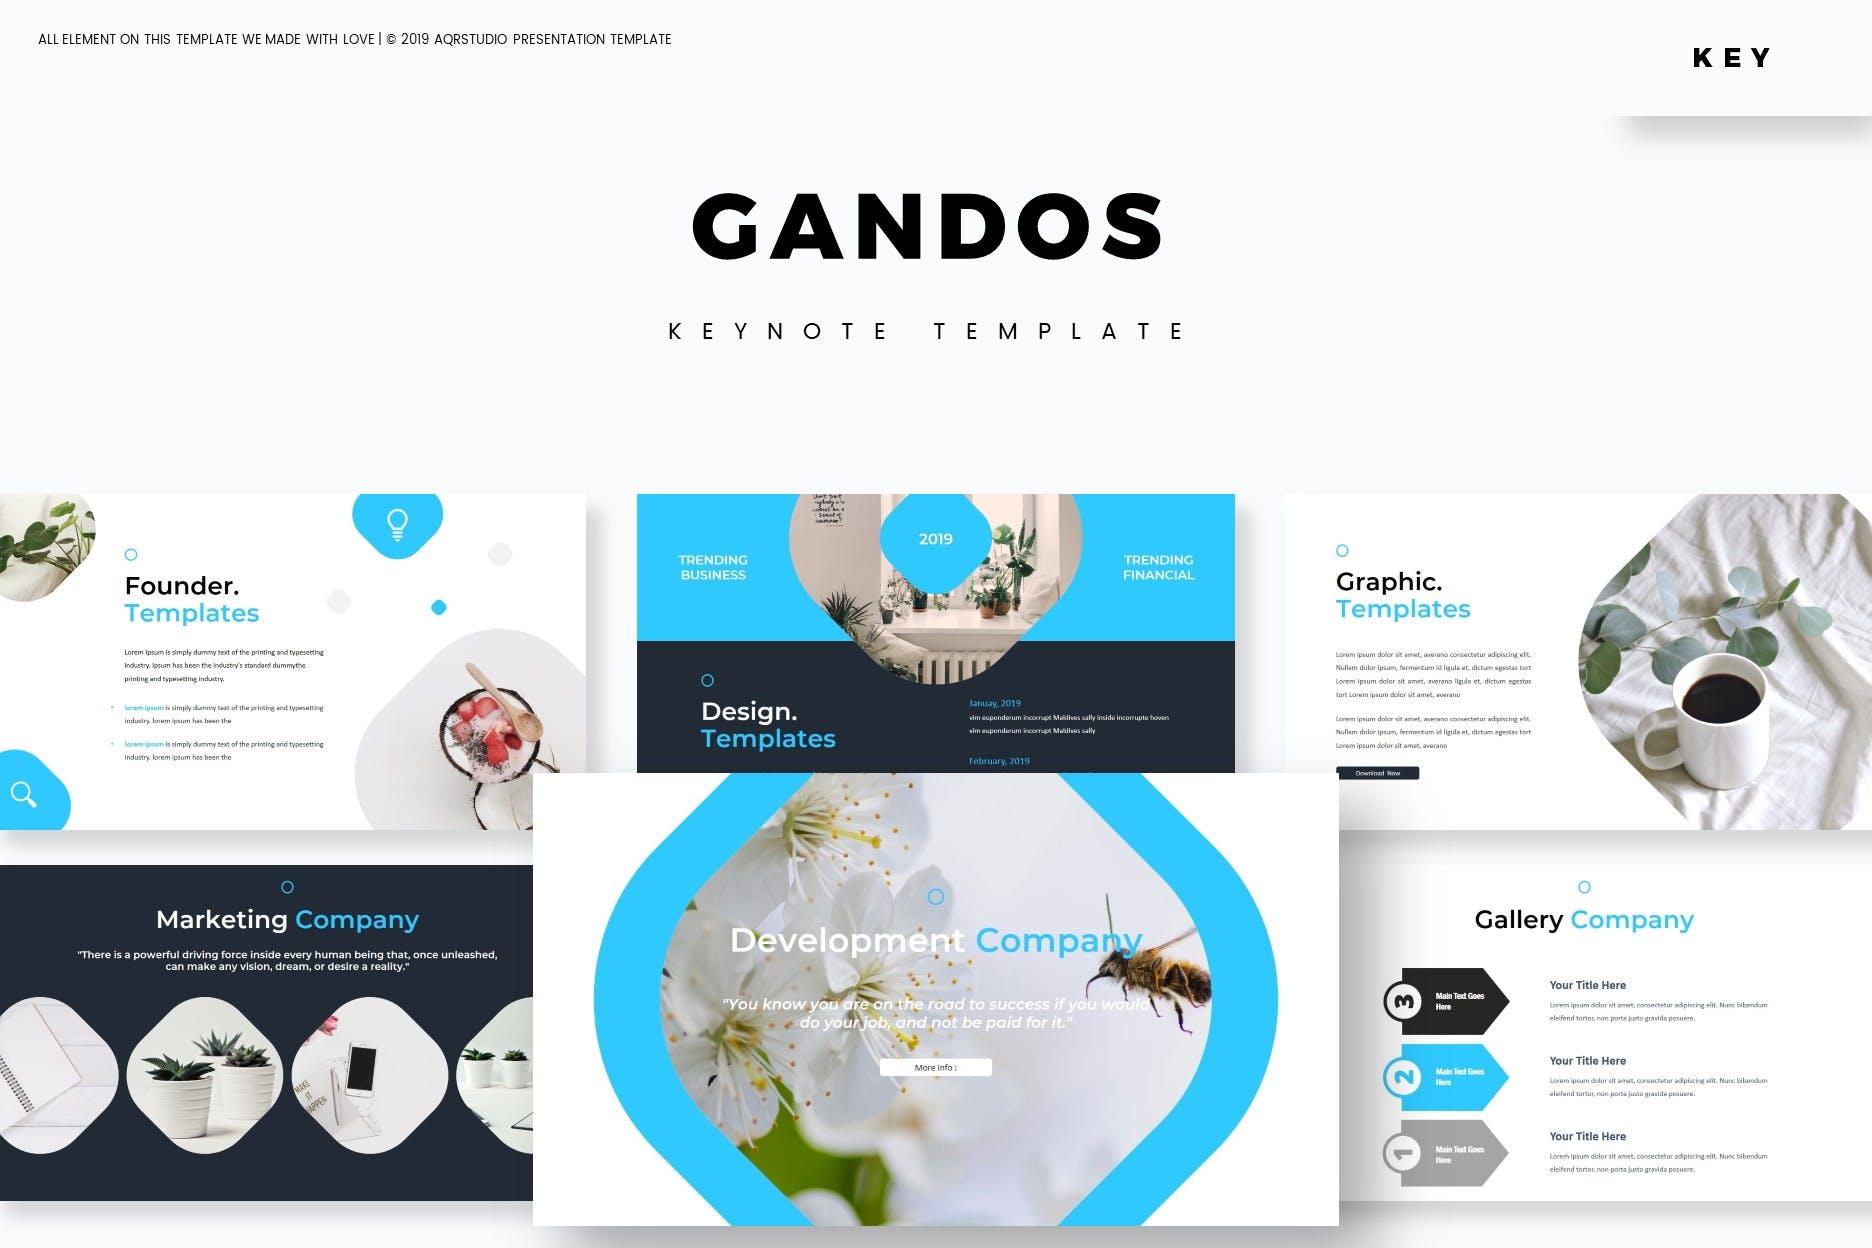 多用途行业企业策划模板PPT幻灯片模板Gandos Keynote Template插图